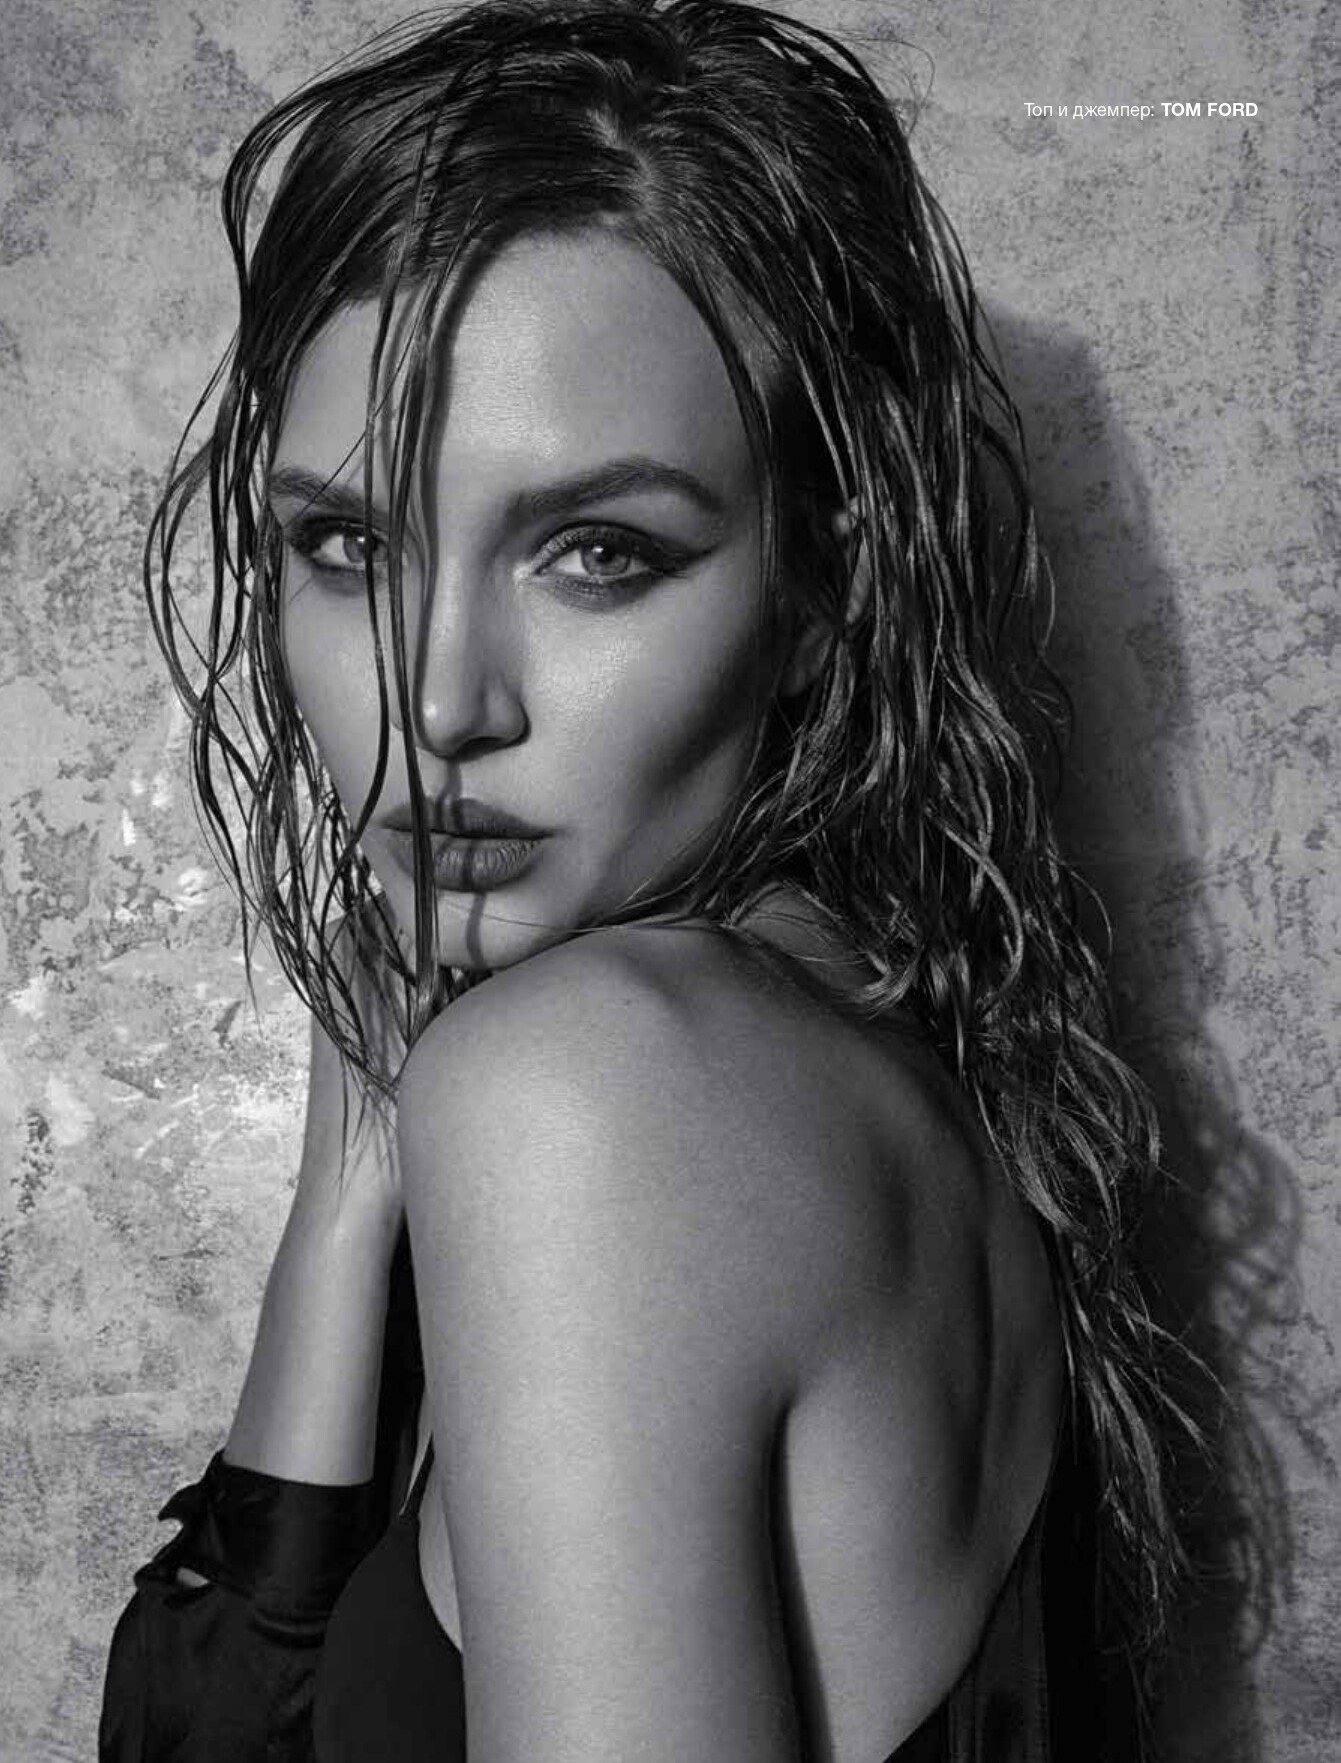 Josephine Skriver Sexy Photshoot